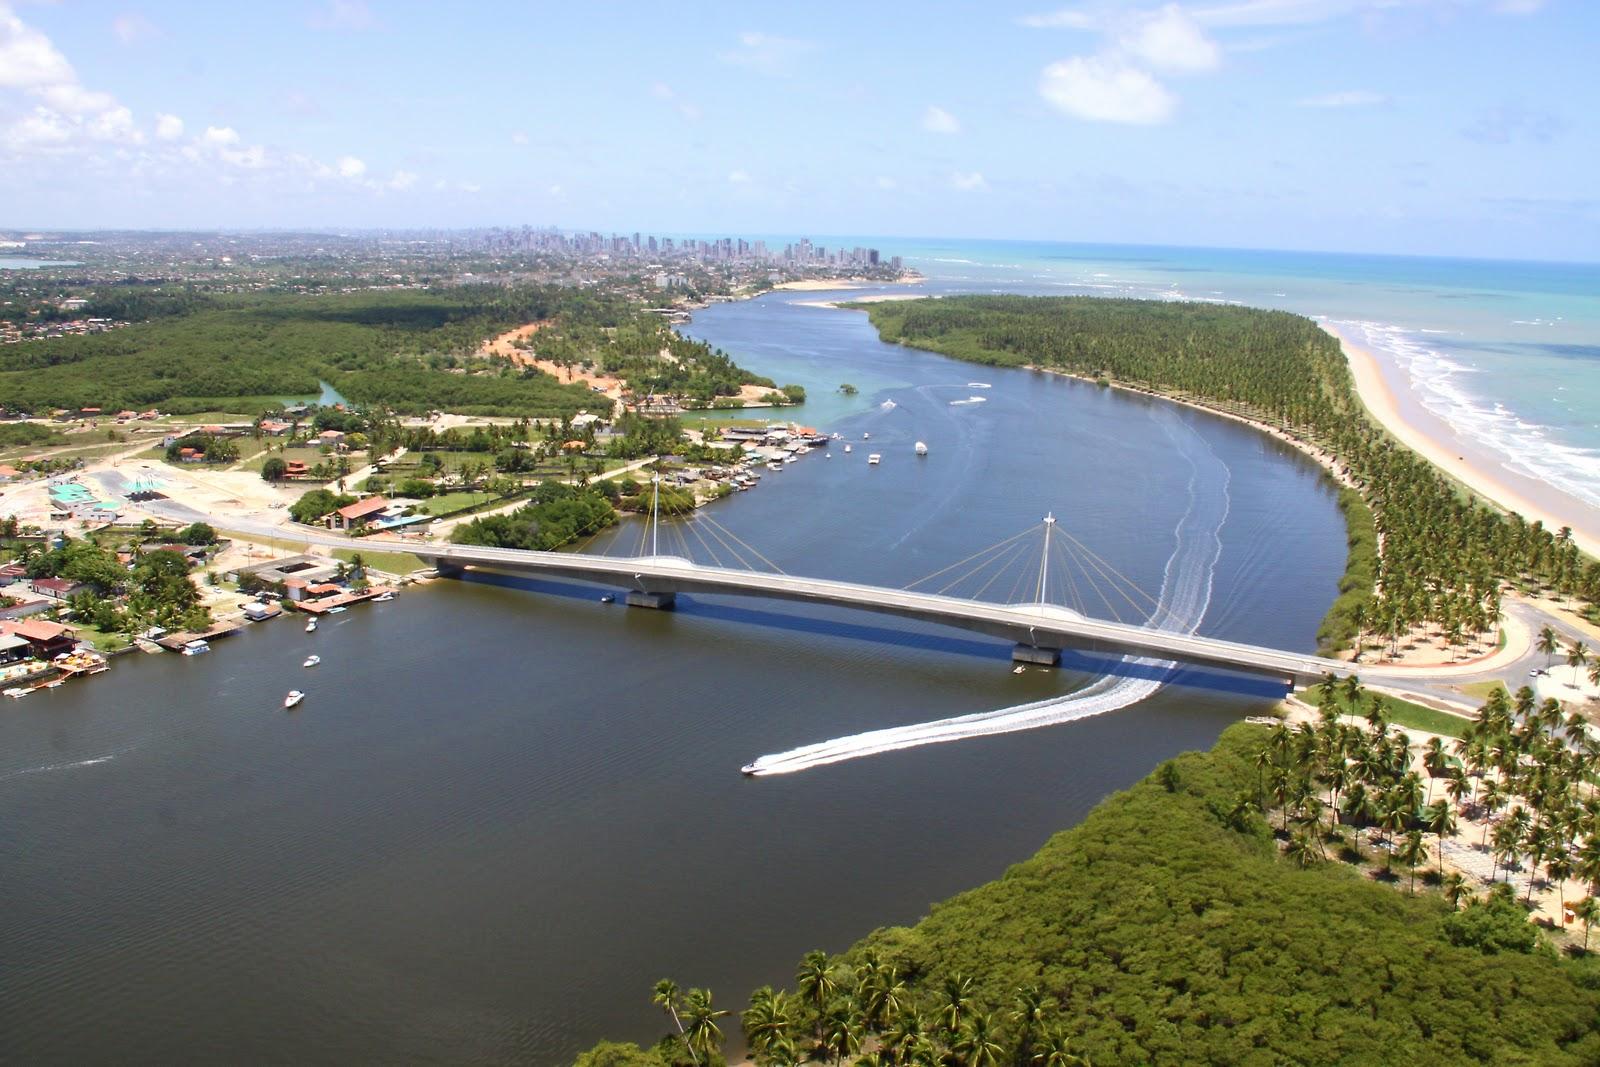 Top ciclomobilidade: Ponte e Praia do Paiva - Pernambuco VK02